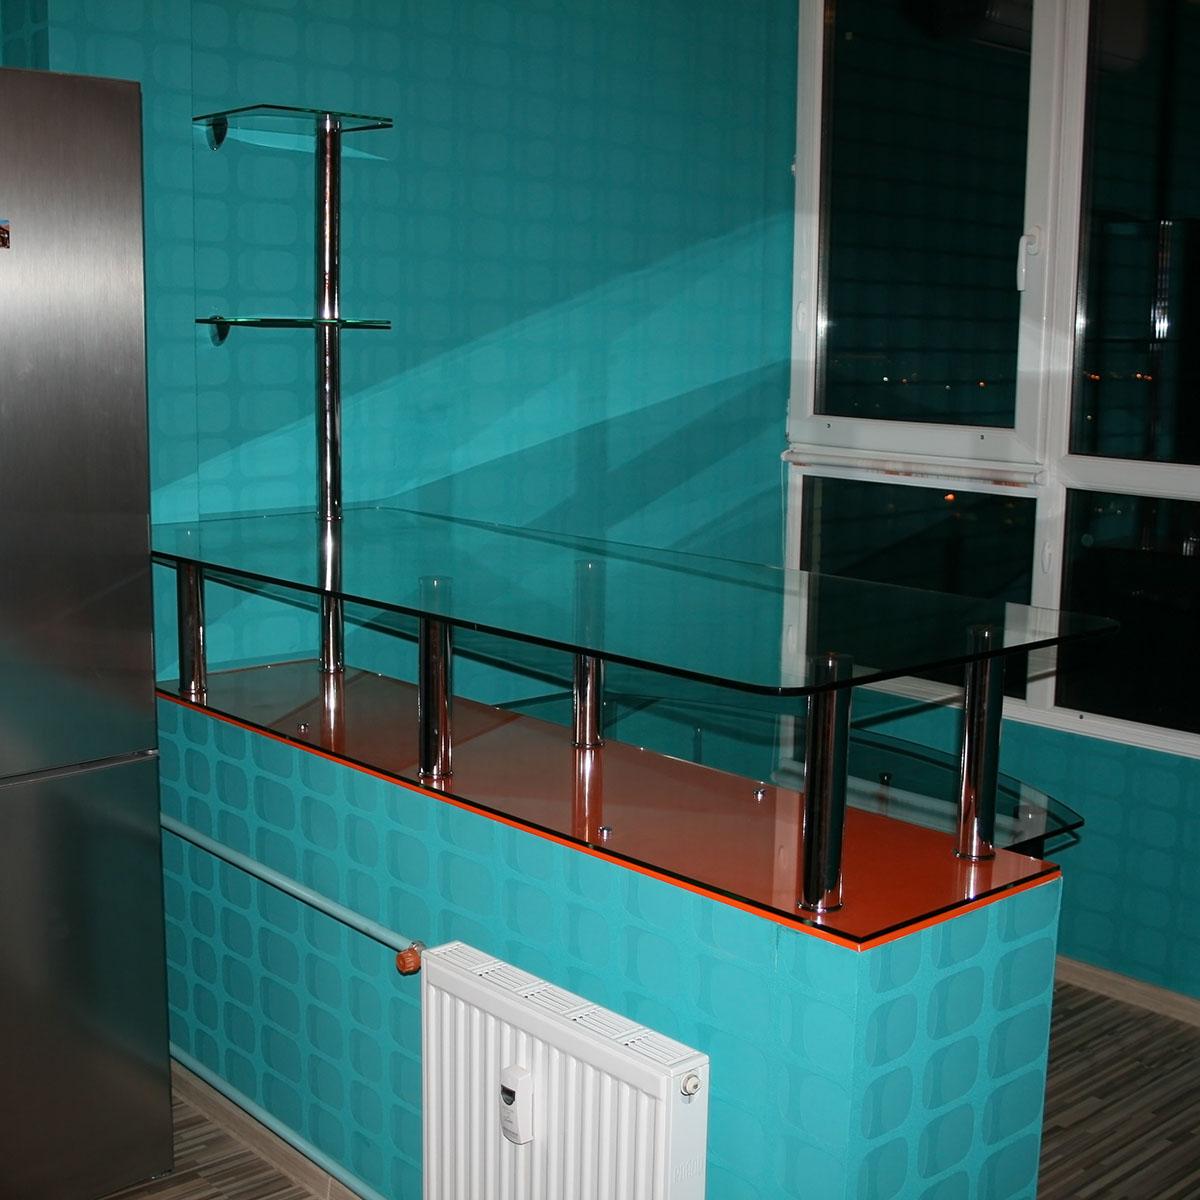 Купить барная стойка на подоконник недорого в москве - интер.